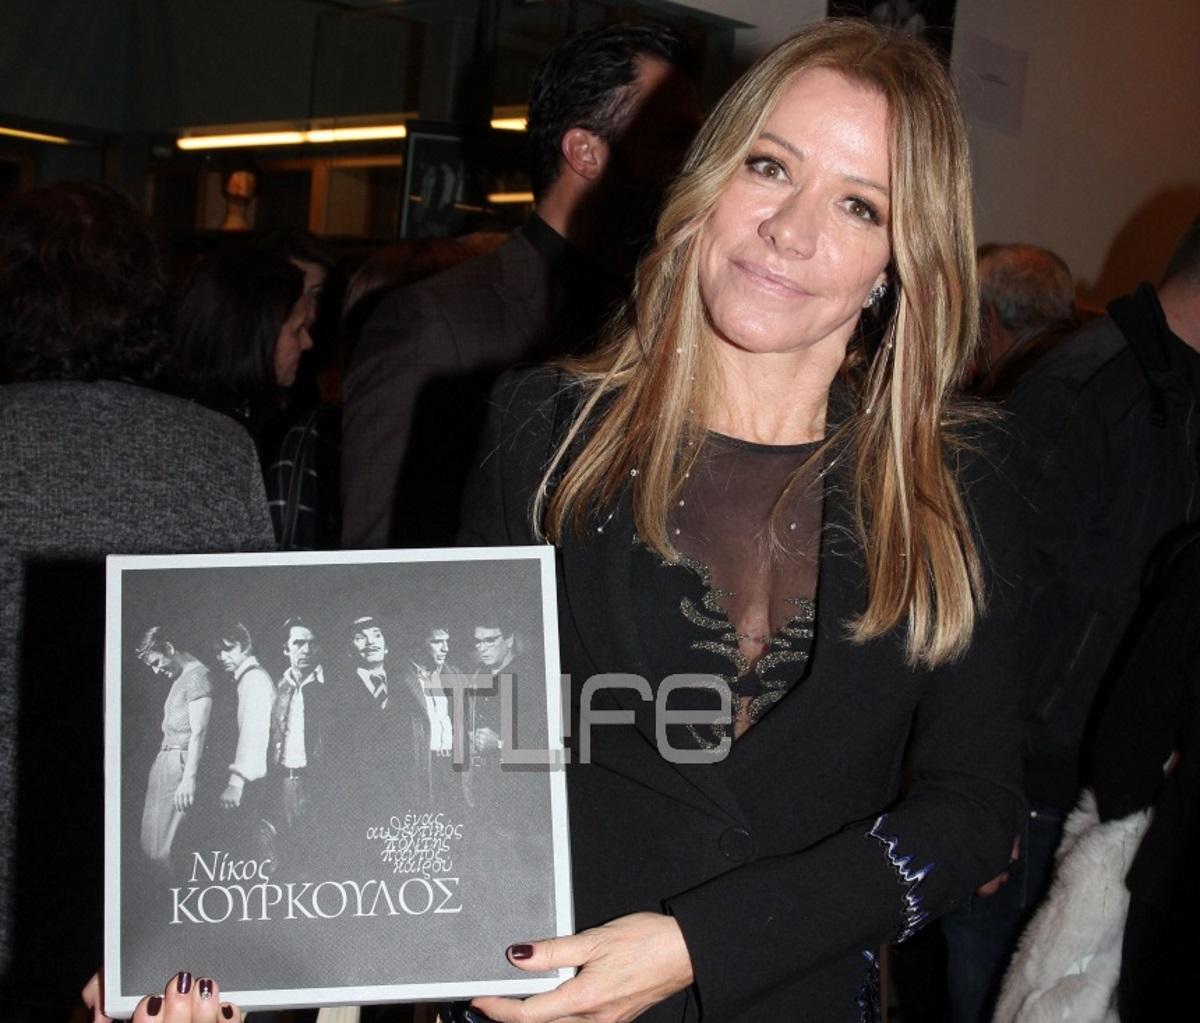 Μαριάννα Λάτση: Με τα παιδιά της και τον Άλκη Κούρκουλο σε εκδήλωση αφιερωμένη στον Νίκο Κούρκουλο – Φωτογραφίες | tlife.gr